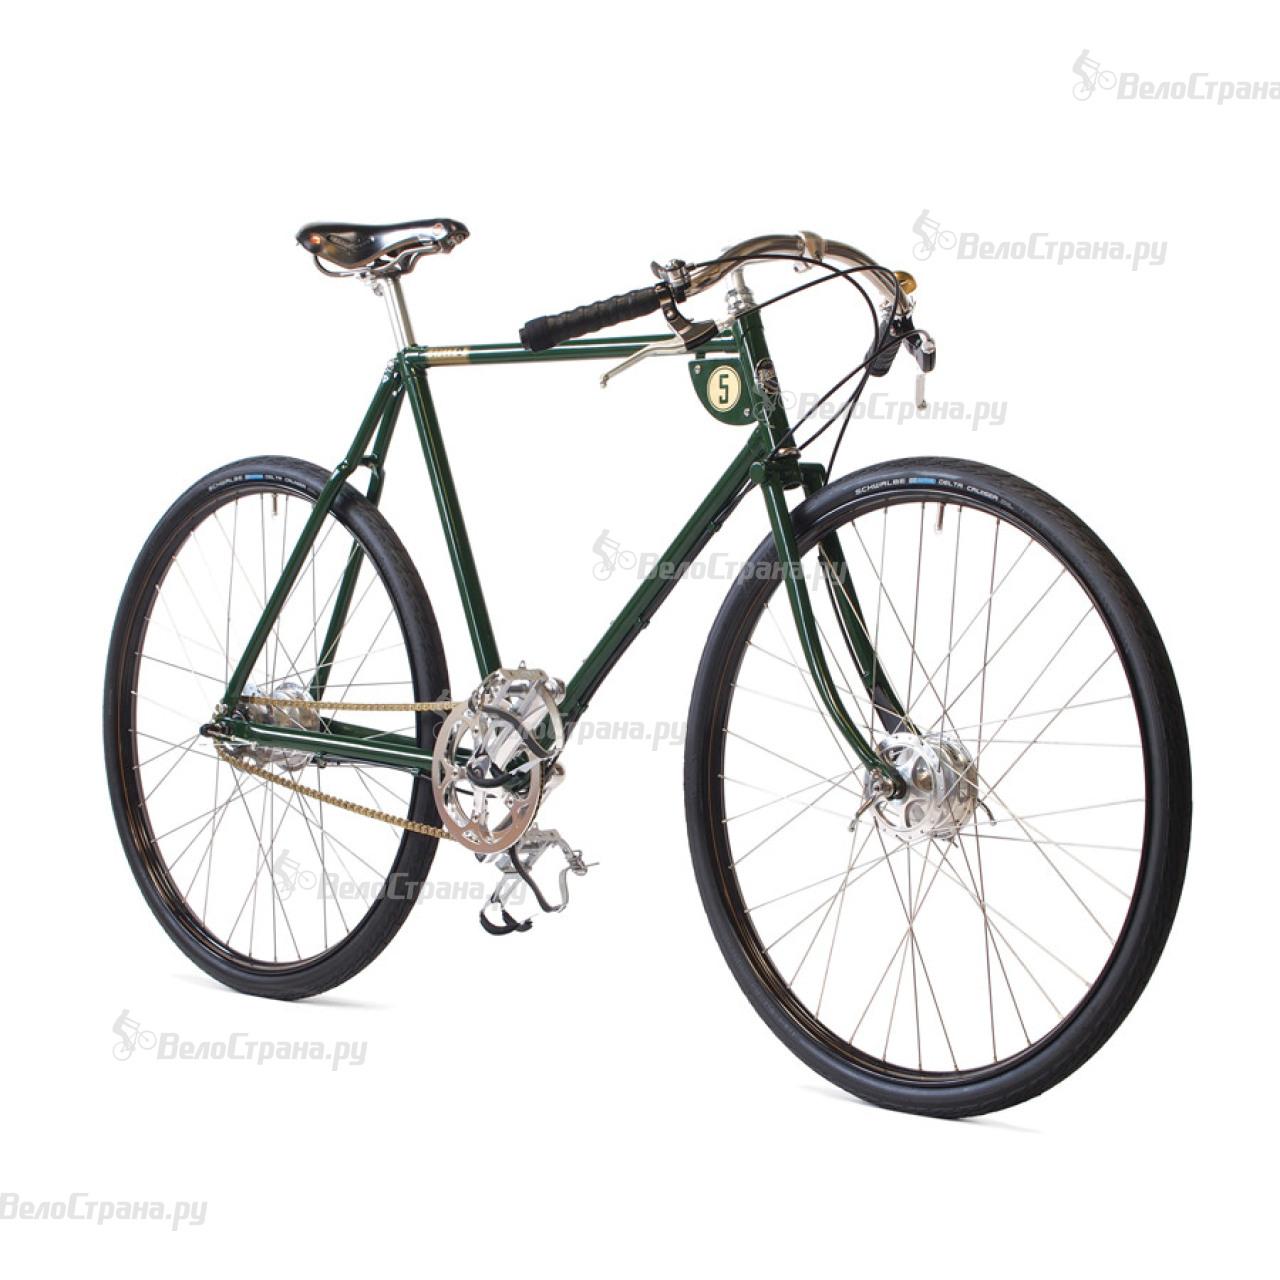 Велосипед Electra Speed 5 (2017) шоссейный велосипед decathlon 8301409 fit 27 btwin